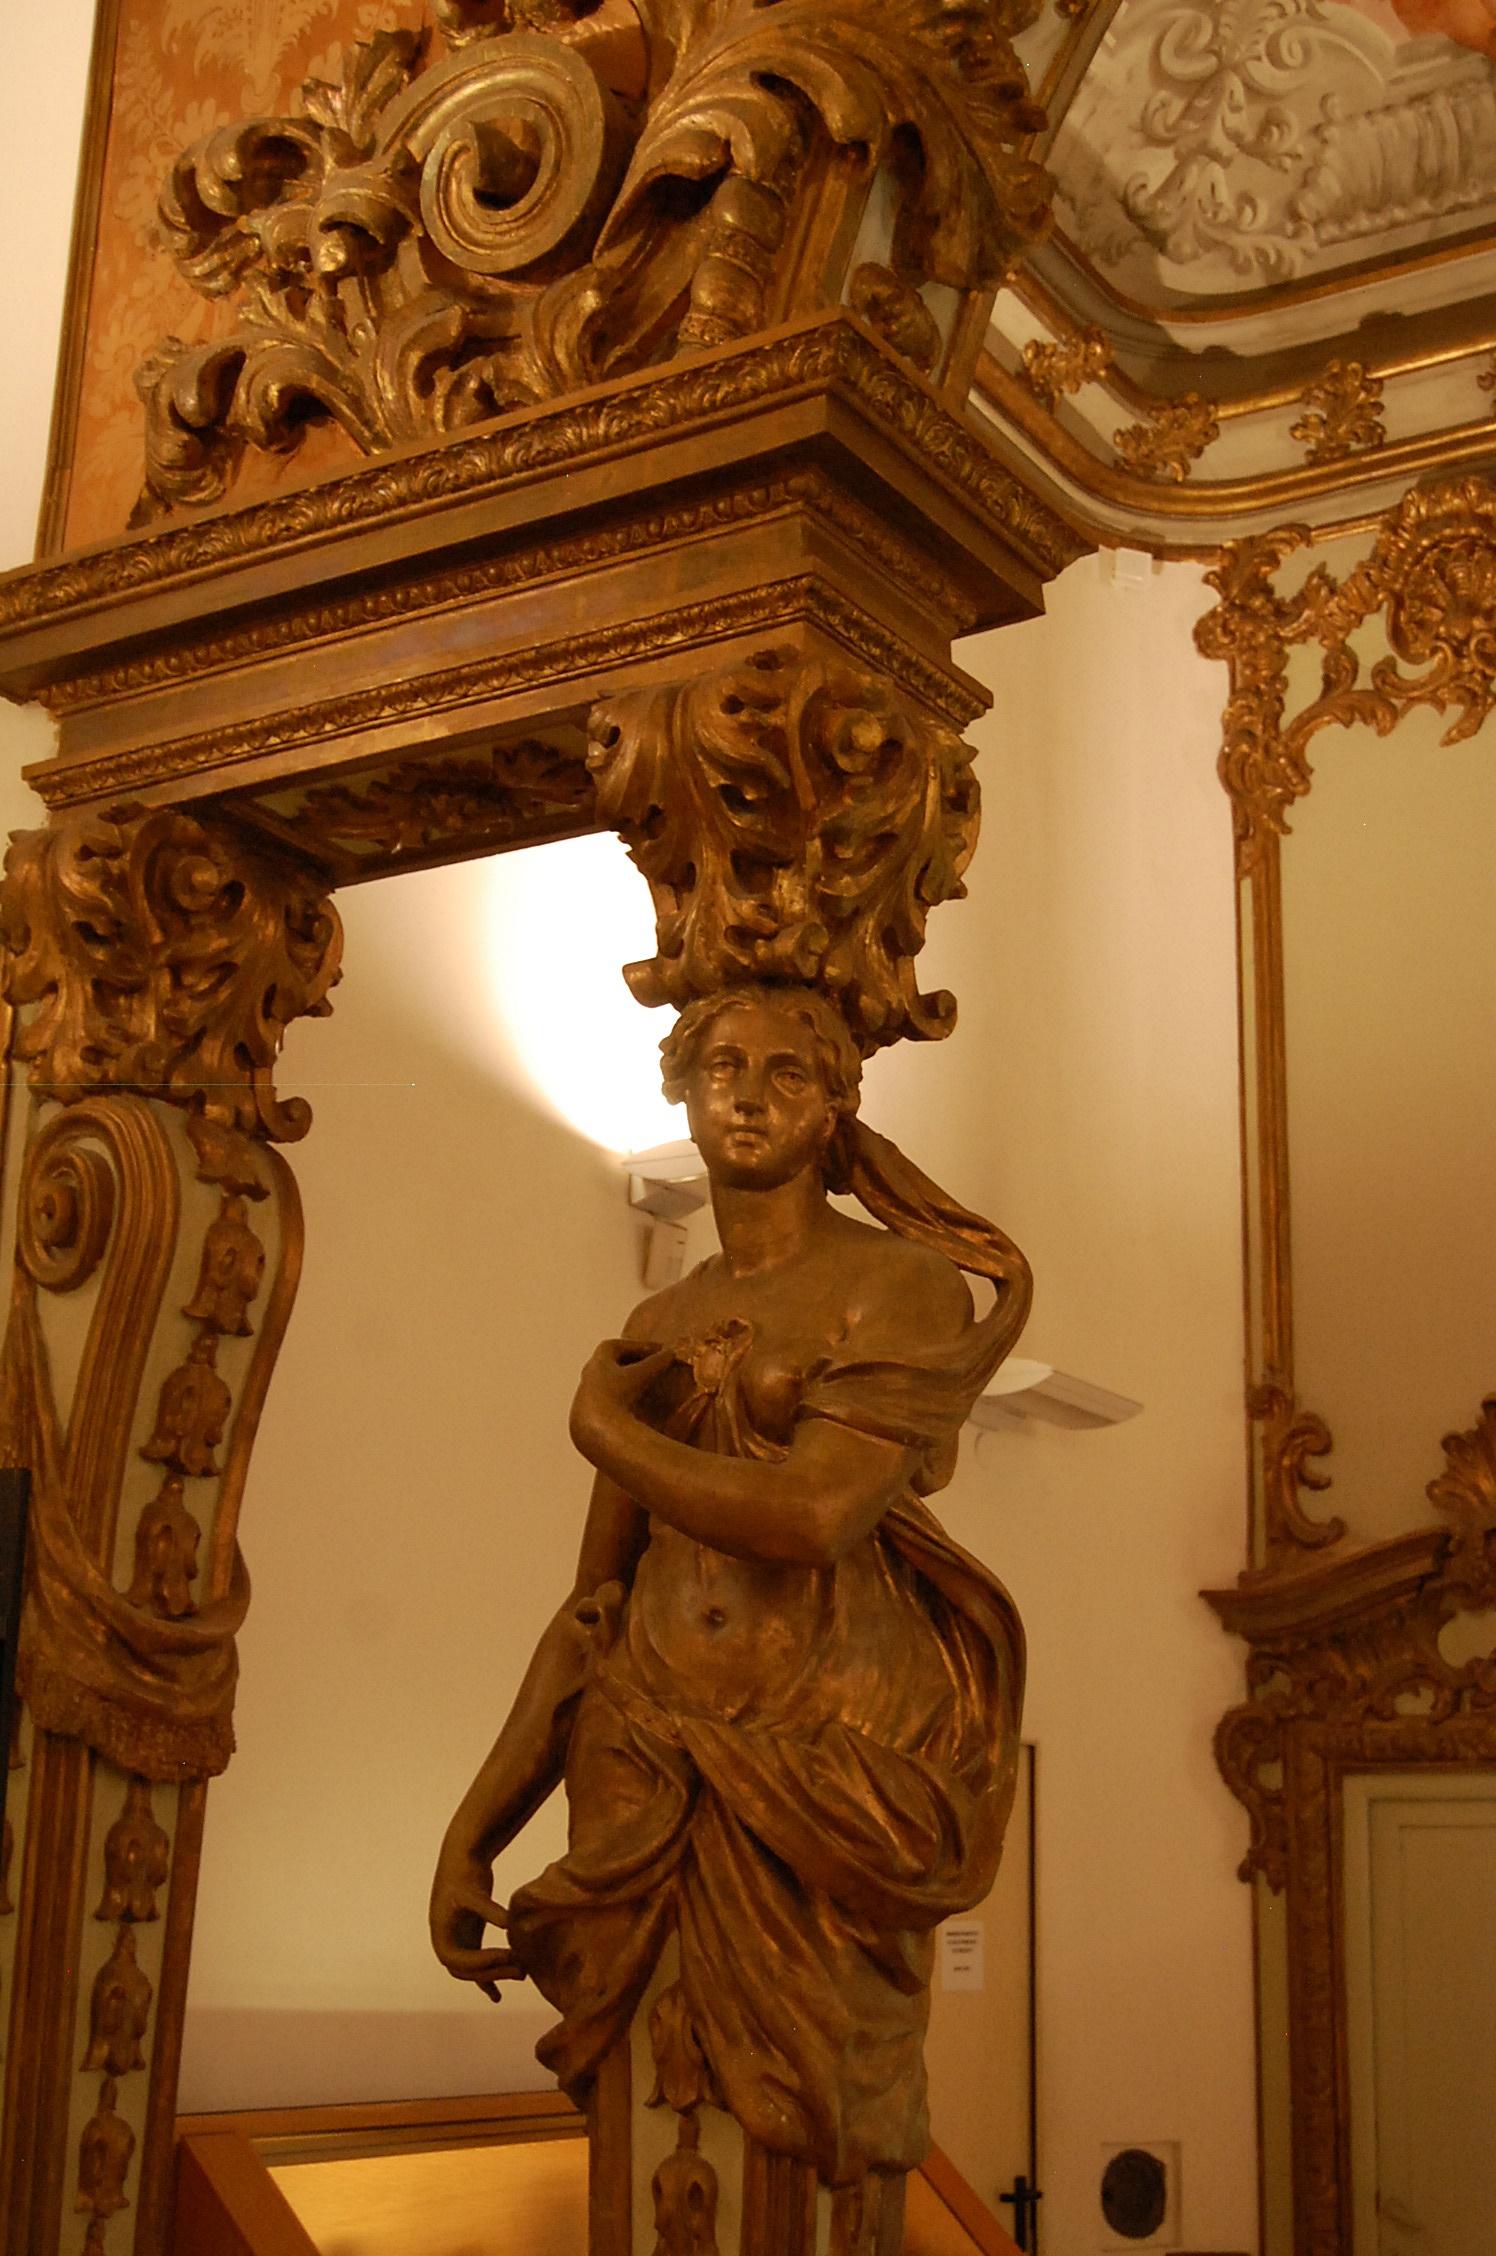 rocaille-blog-palazzo-brancaccio-museo-arte-orientale-52